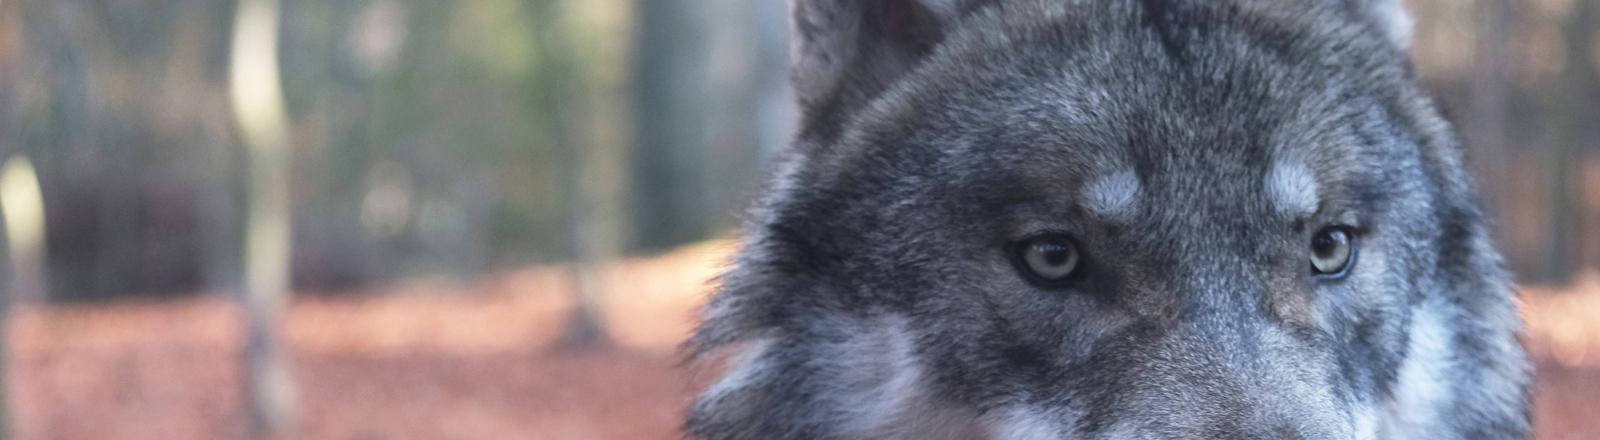 Ein Wolf im Tiergehege des Hexentanzparks Thale im Harz